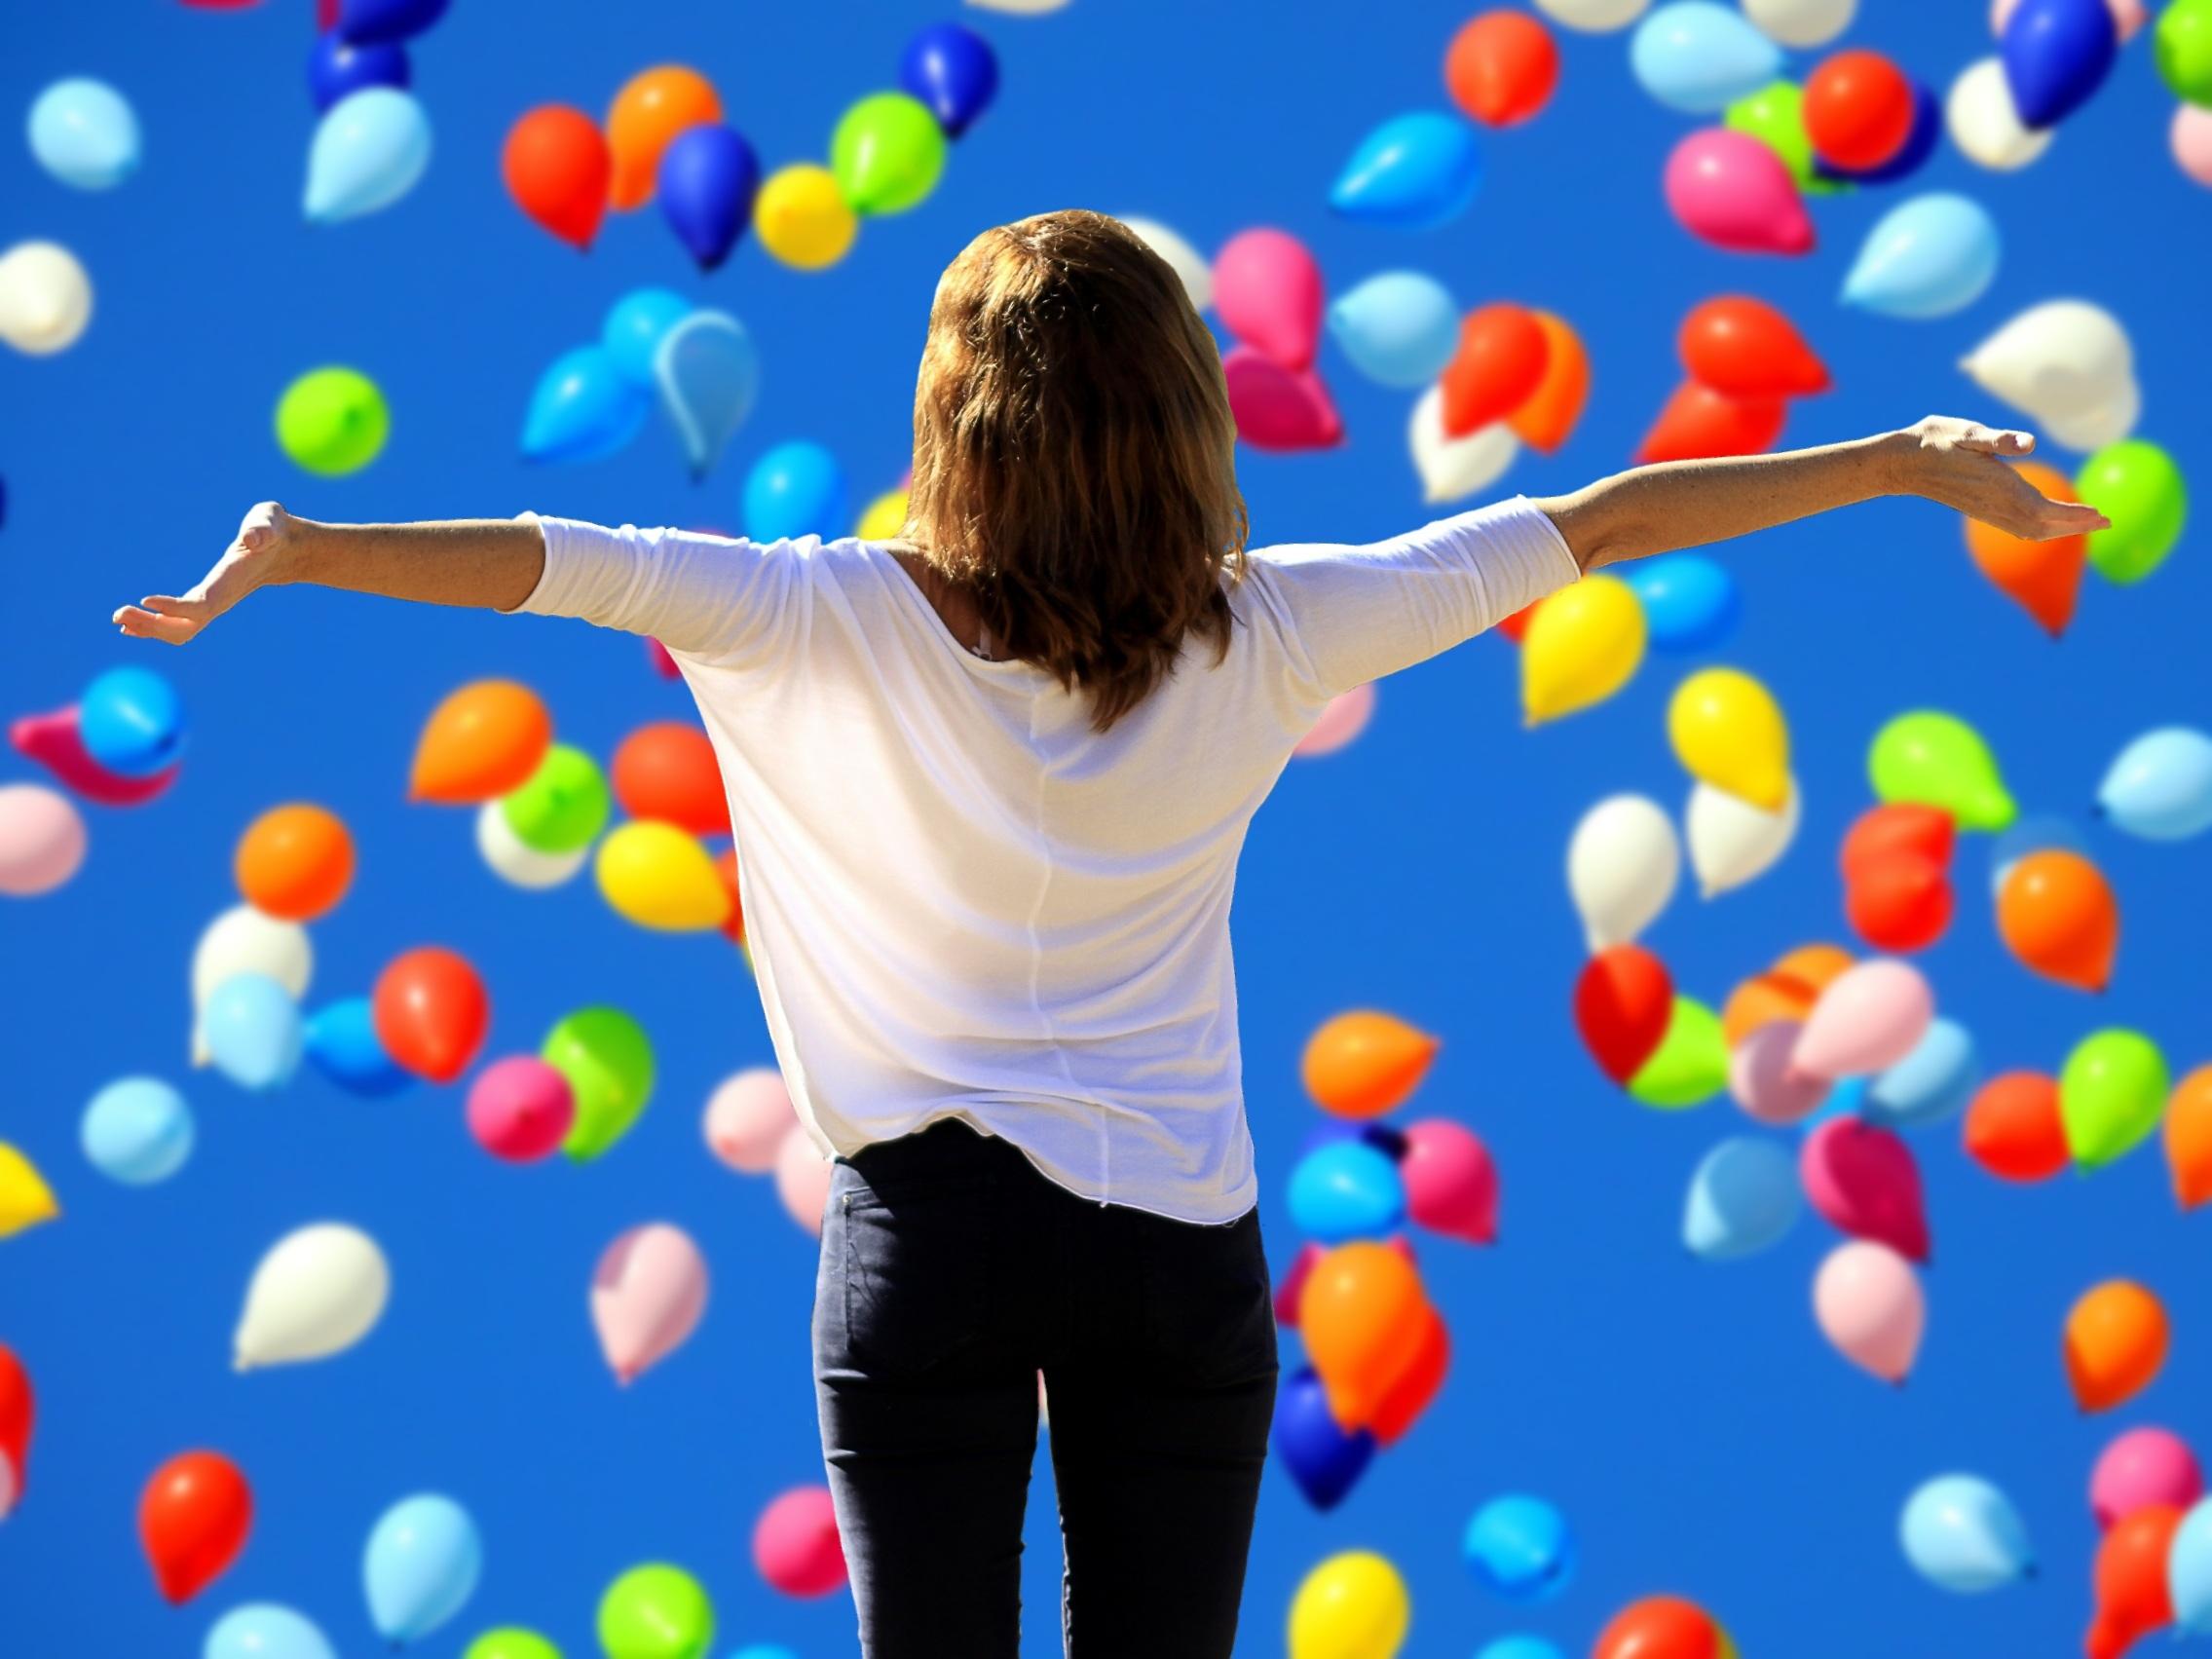 Fabuleux Images Gratuites : jouer, ballon, jouet, motivation, bonheur  RJ88